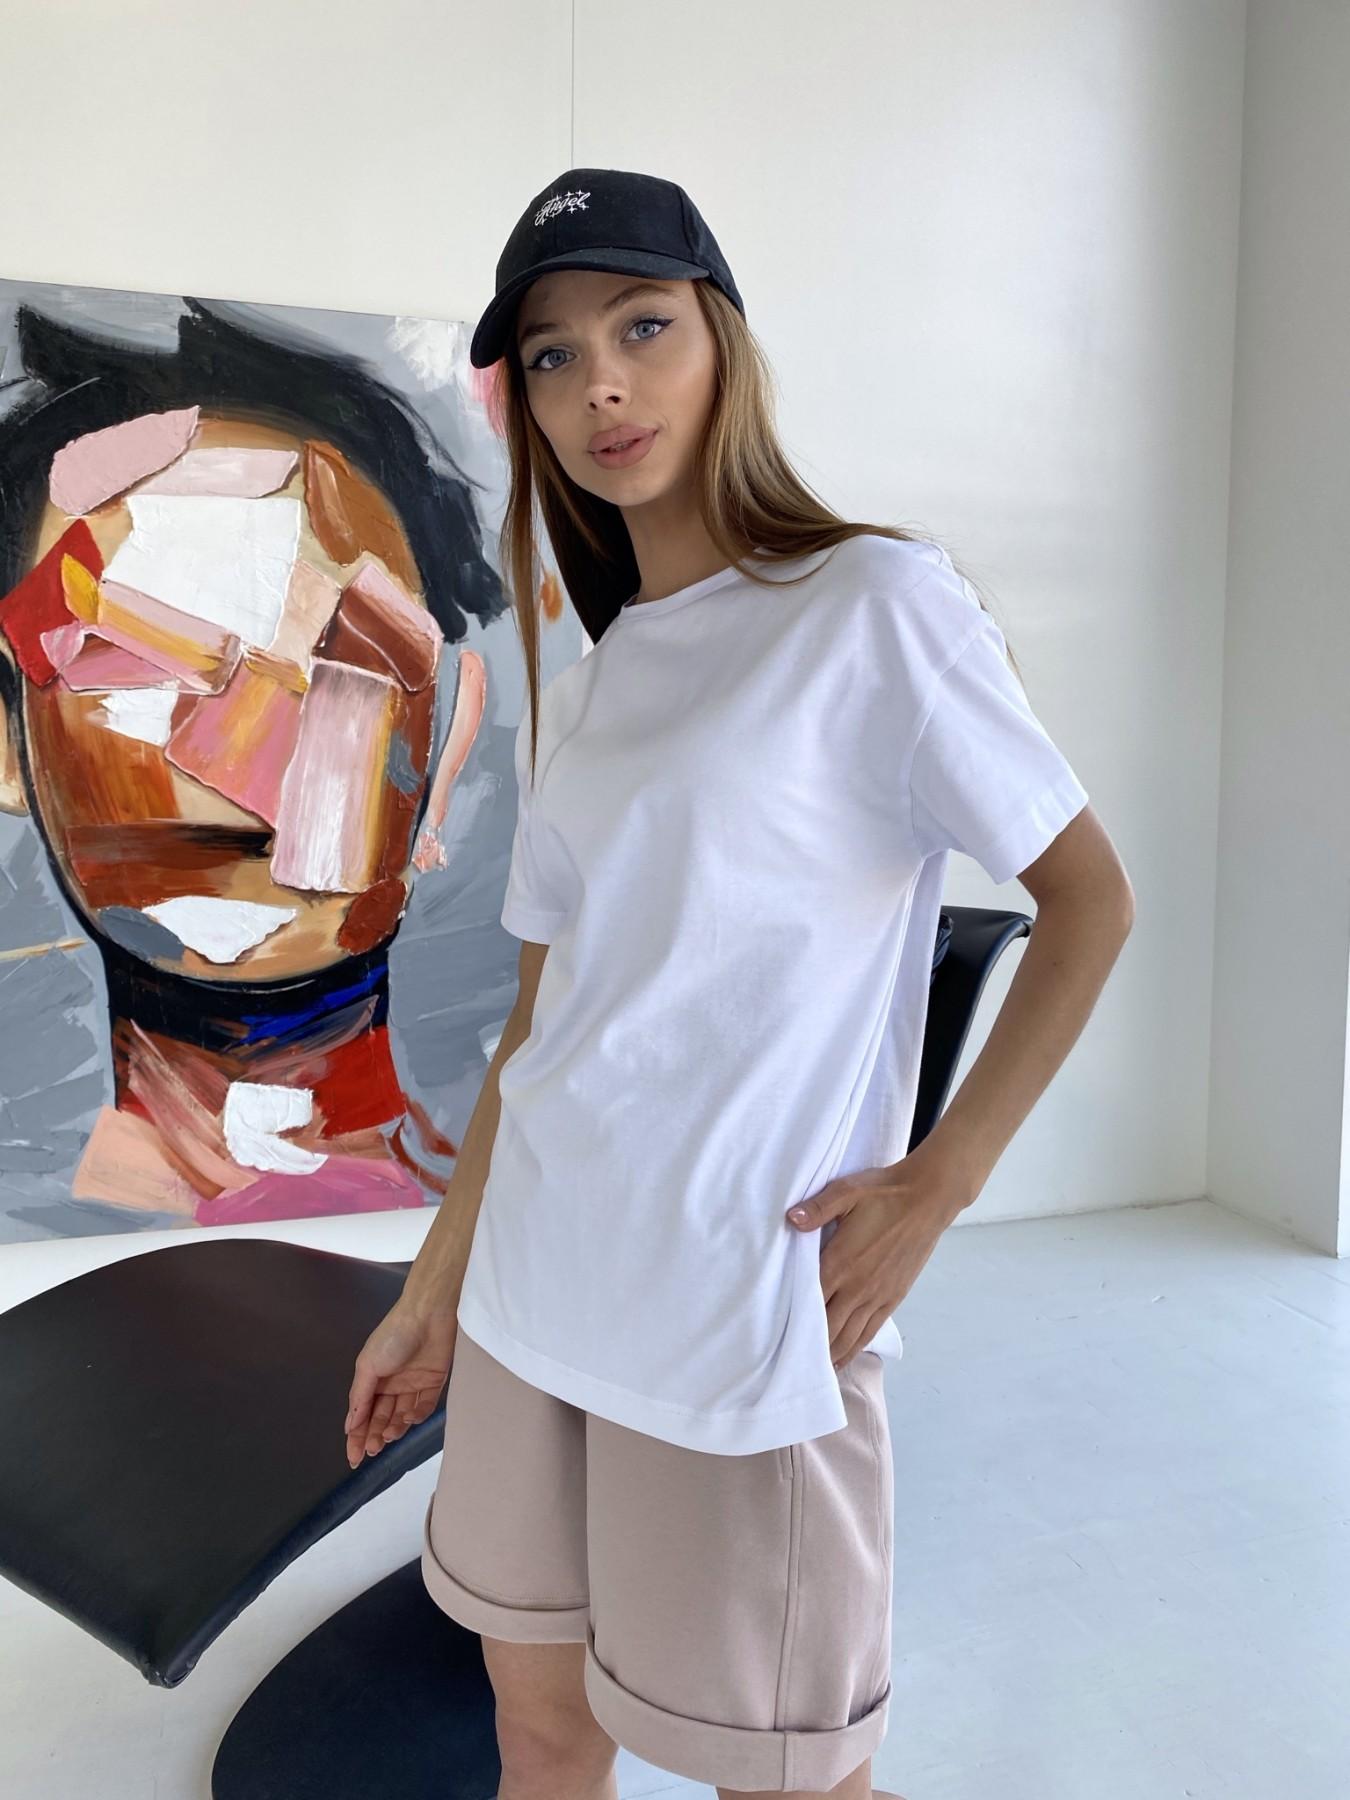 Фарт 3 костюм трикотажный 2х нитка из вискозы 11394 АРТ. 47931 Цвет: Пудра/белый - фото 9, интернет магазин tm-modus.ru